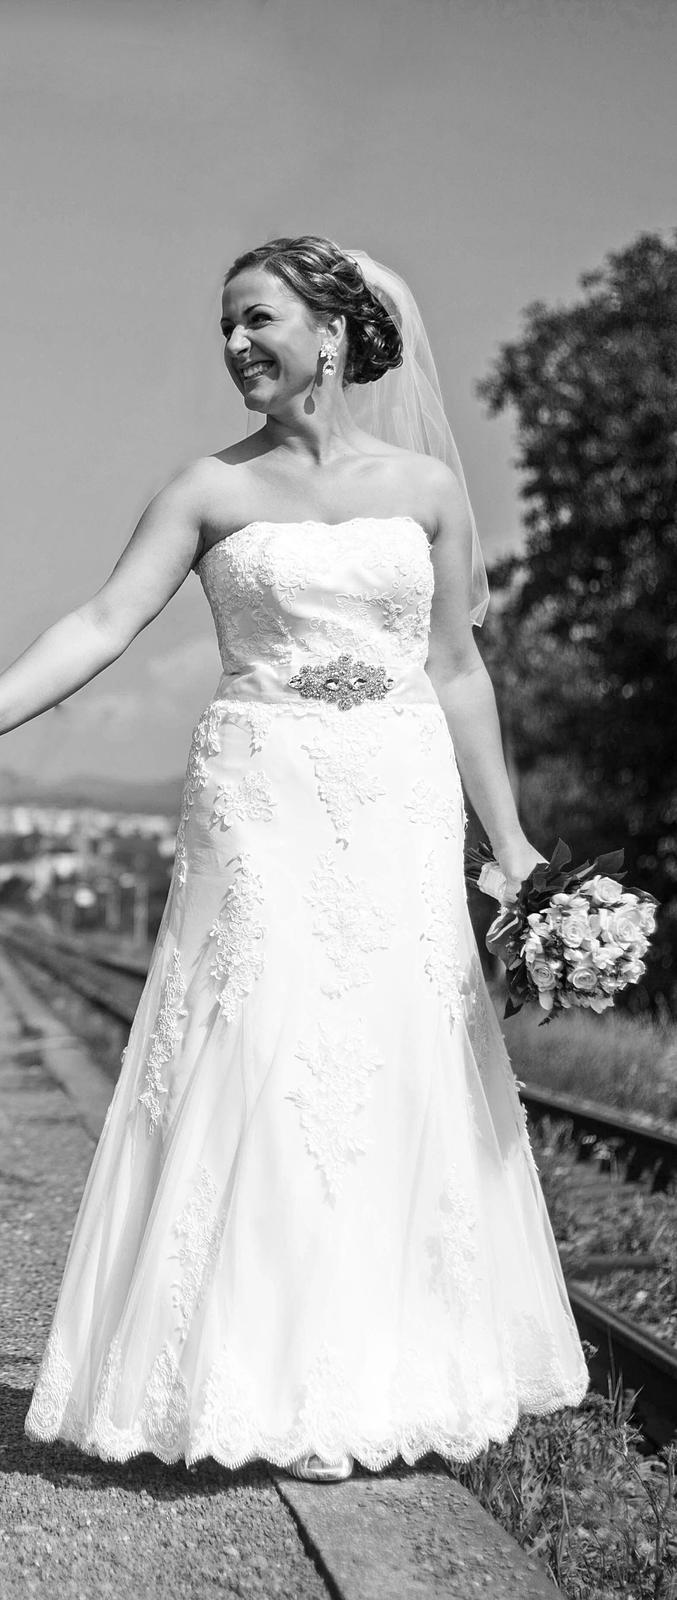 Krajkove svadobné šaty - Obrázok č. 1